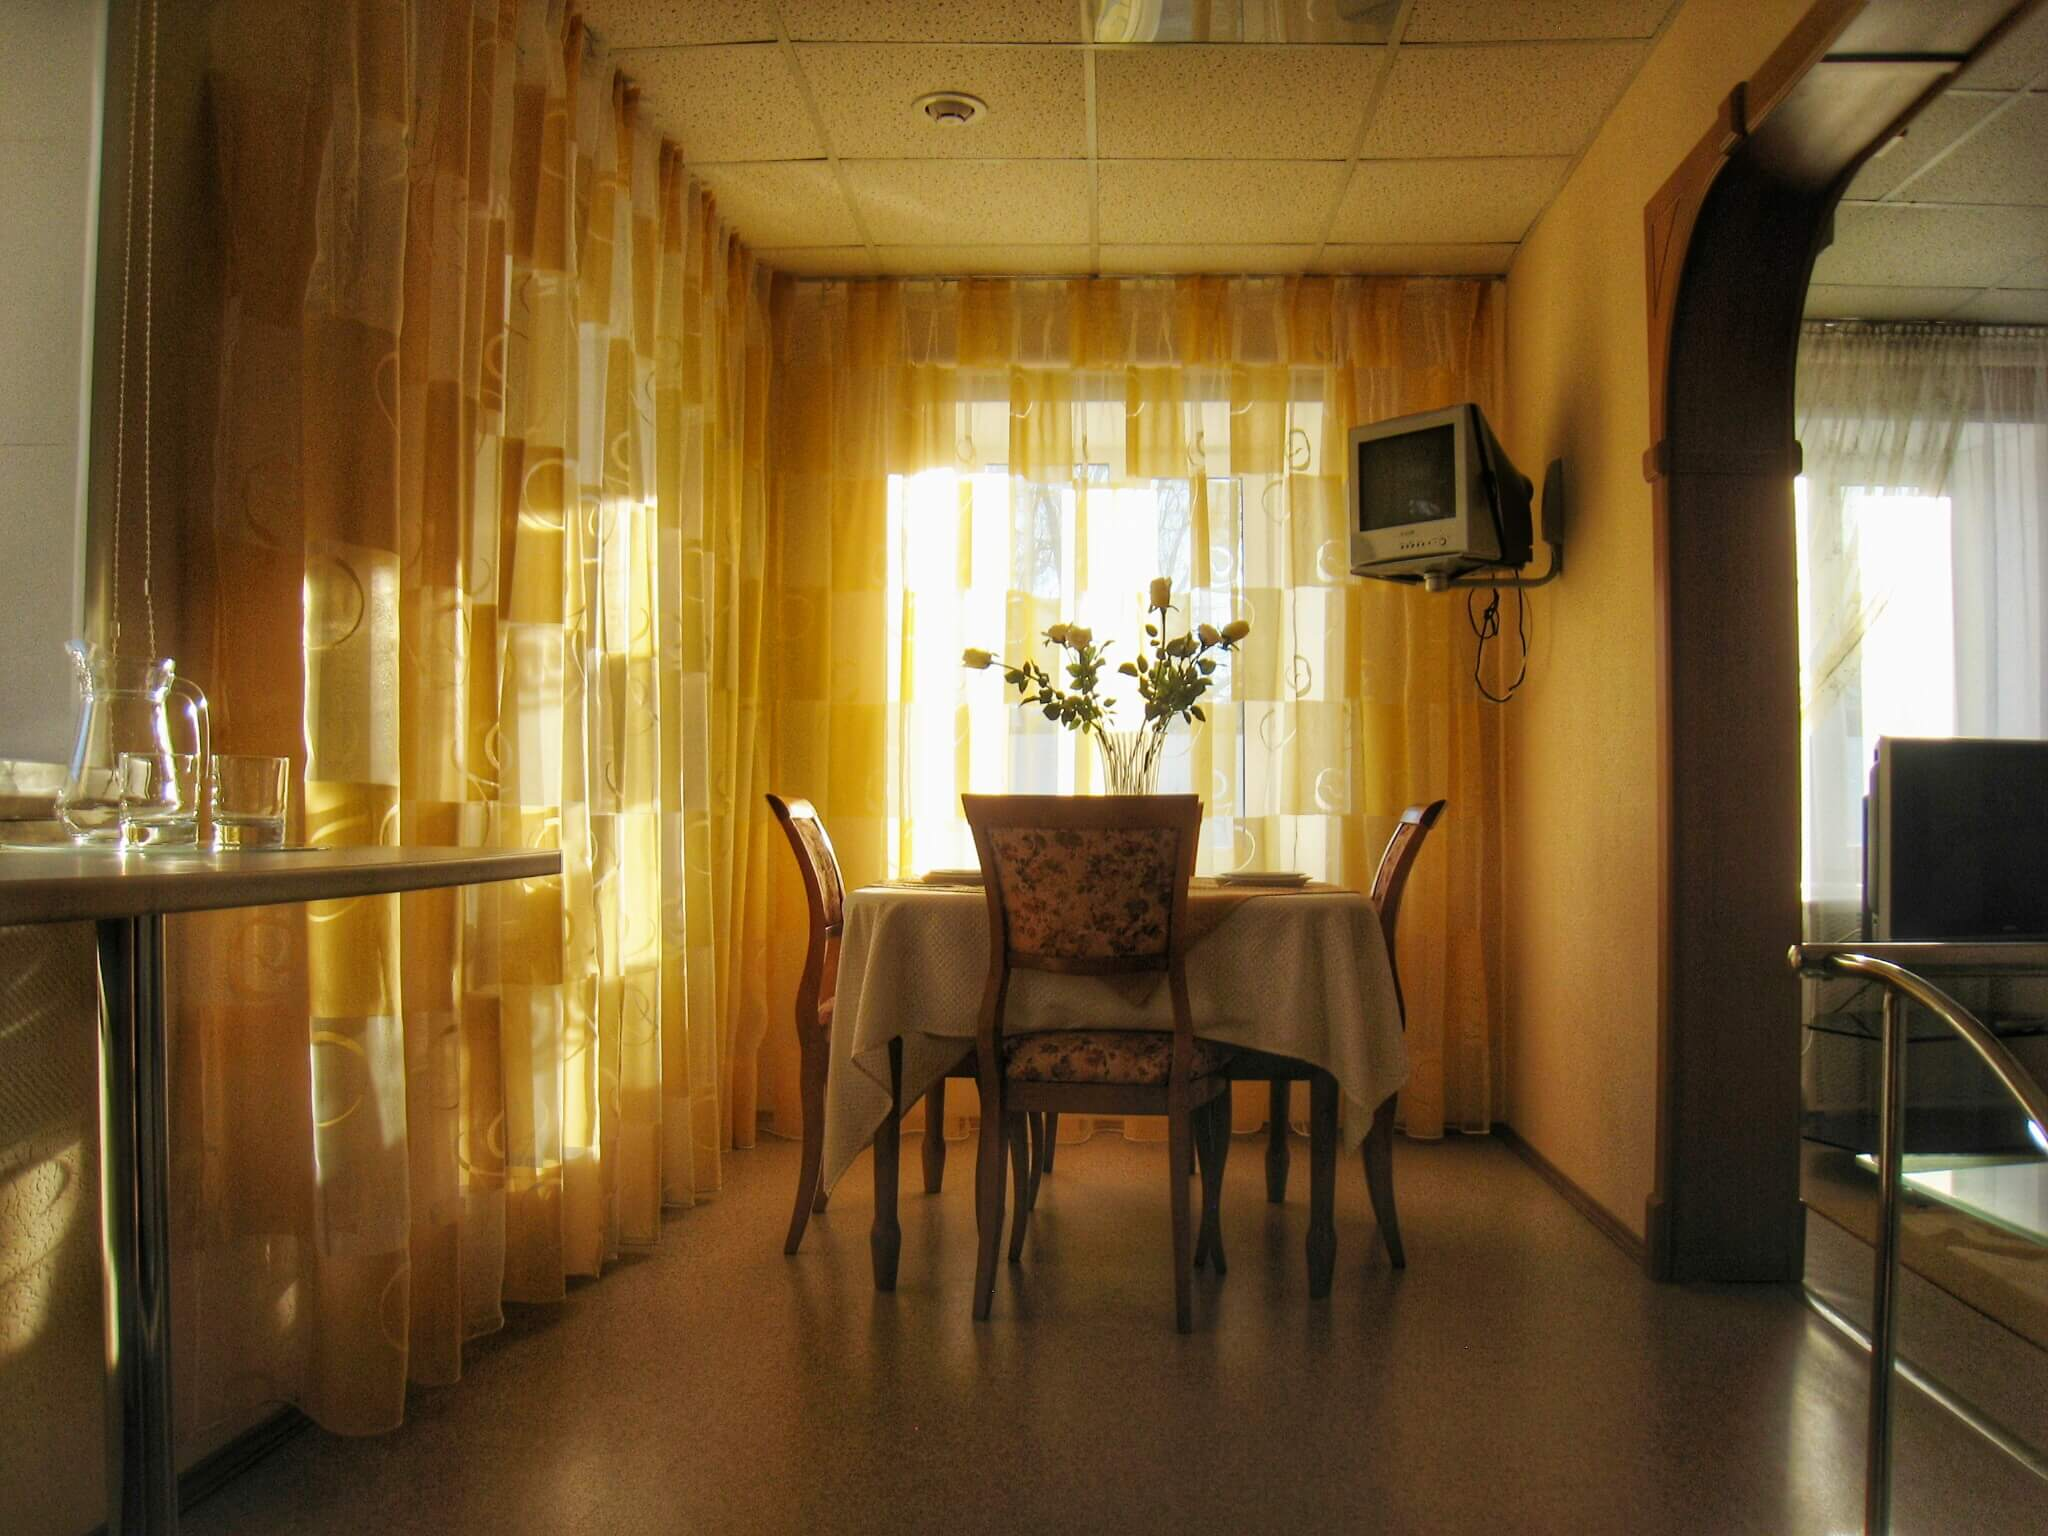 Гостиница Колос - Аппартамент